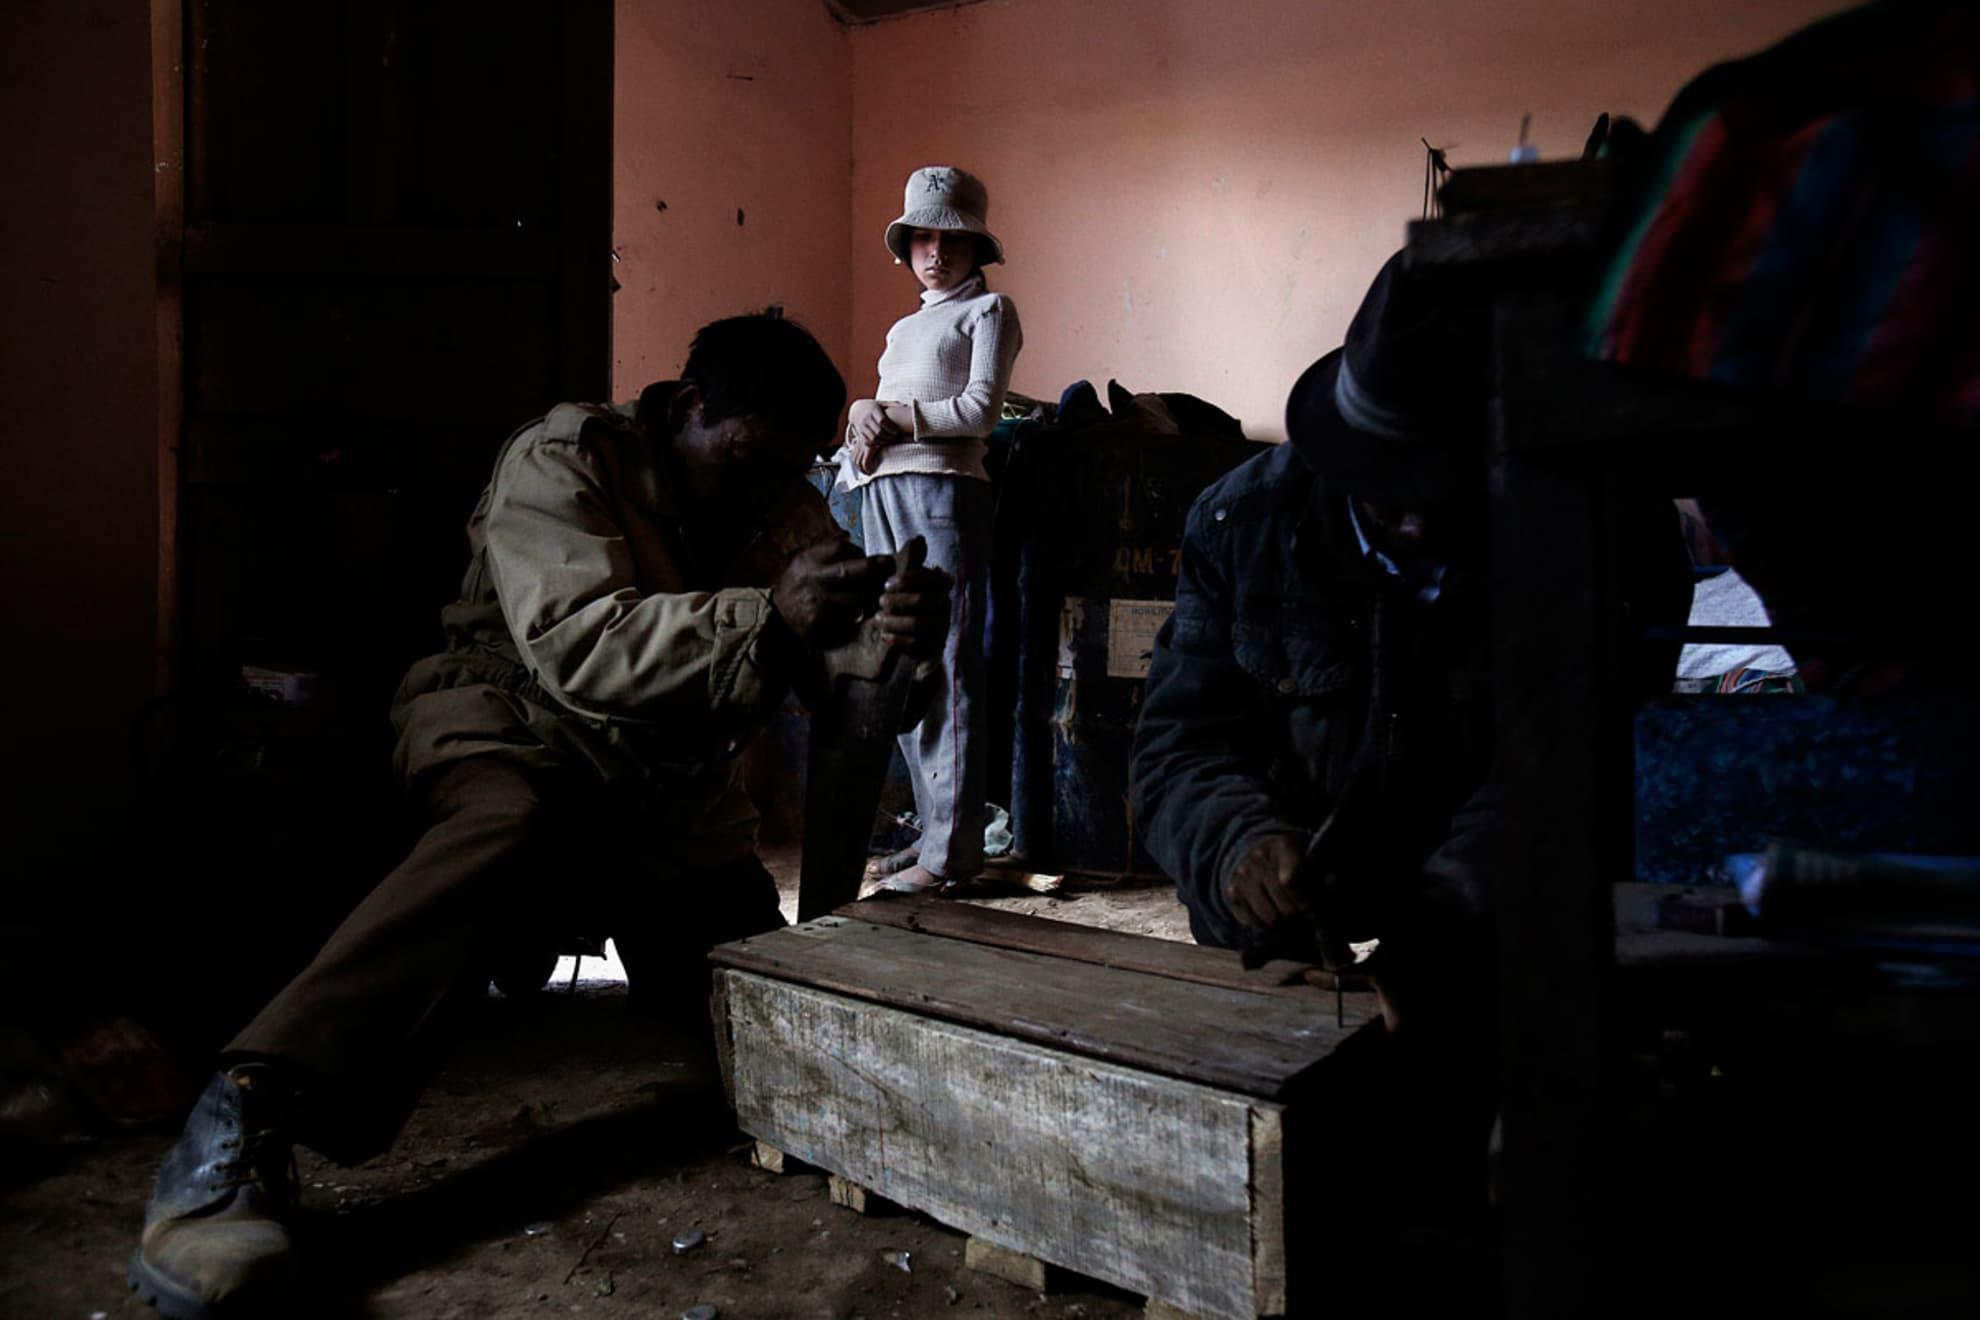 Isidro Guachalla, 60 años y Antonio Tola Lima, 66 años cierran el ataúd del bebe de Andrea Paris Mamani, 45 ans, mientras una de las hijas de Andrea, 12 años, los observa. Isidro y Antonio Tola son vecinos de la madre de Andrea en Belén Iquiaca.